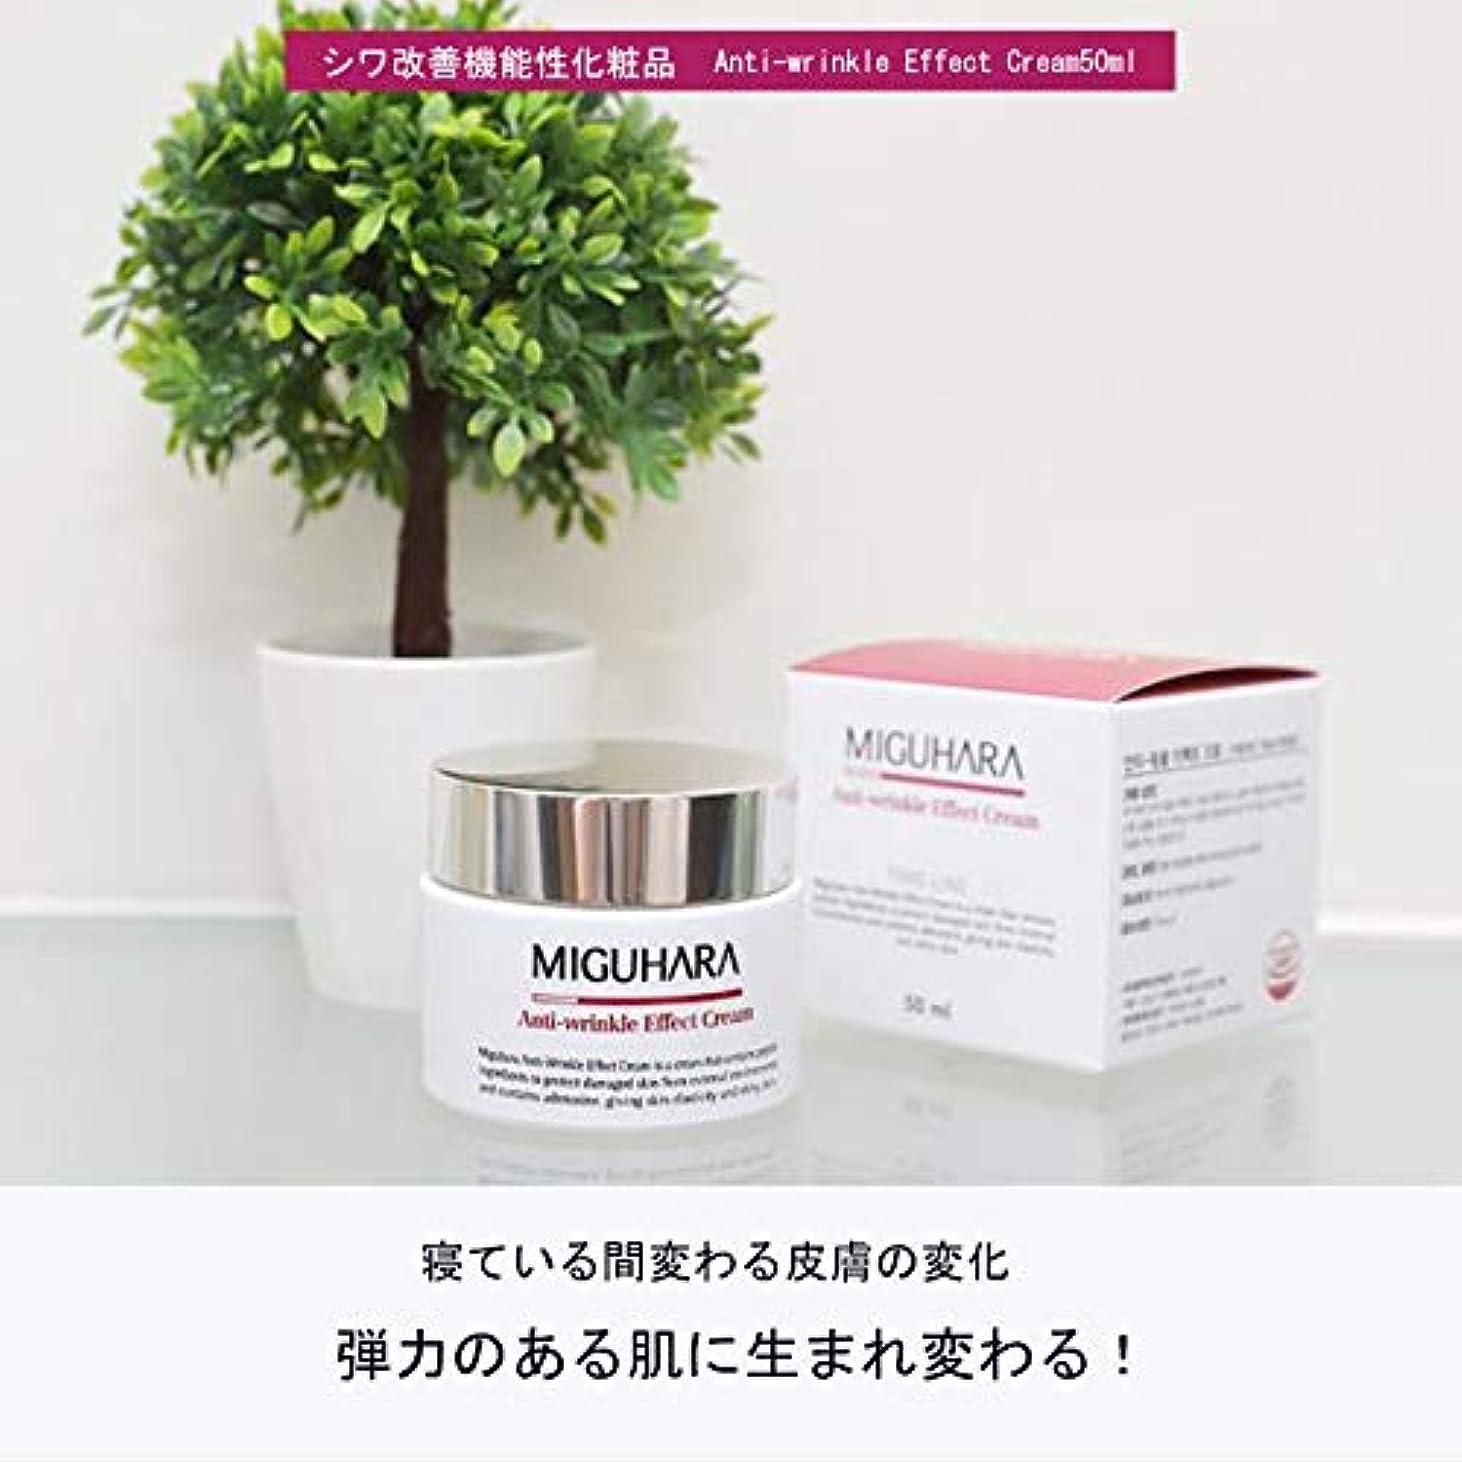 とティームつかいます空港MIGUHARA アンチ-リンクルエフェクトクリーム 50ml / Anti-wrinkle Effect Cream 50ml